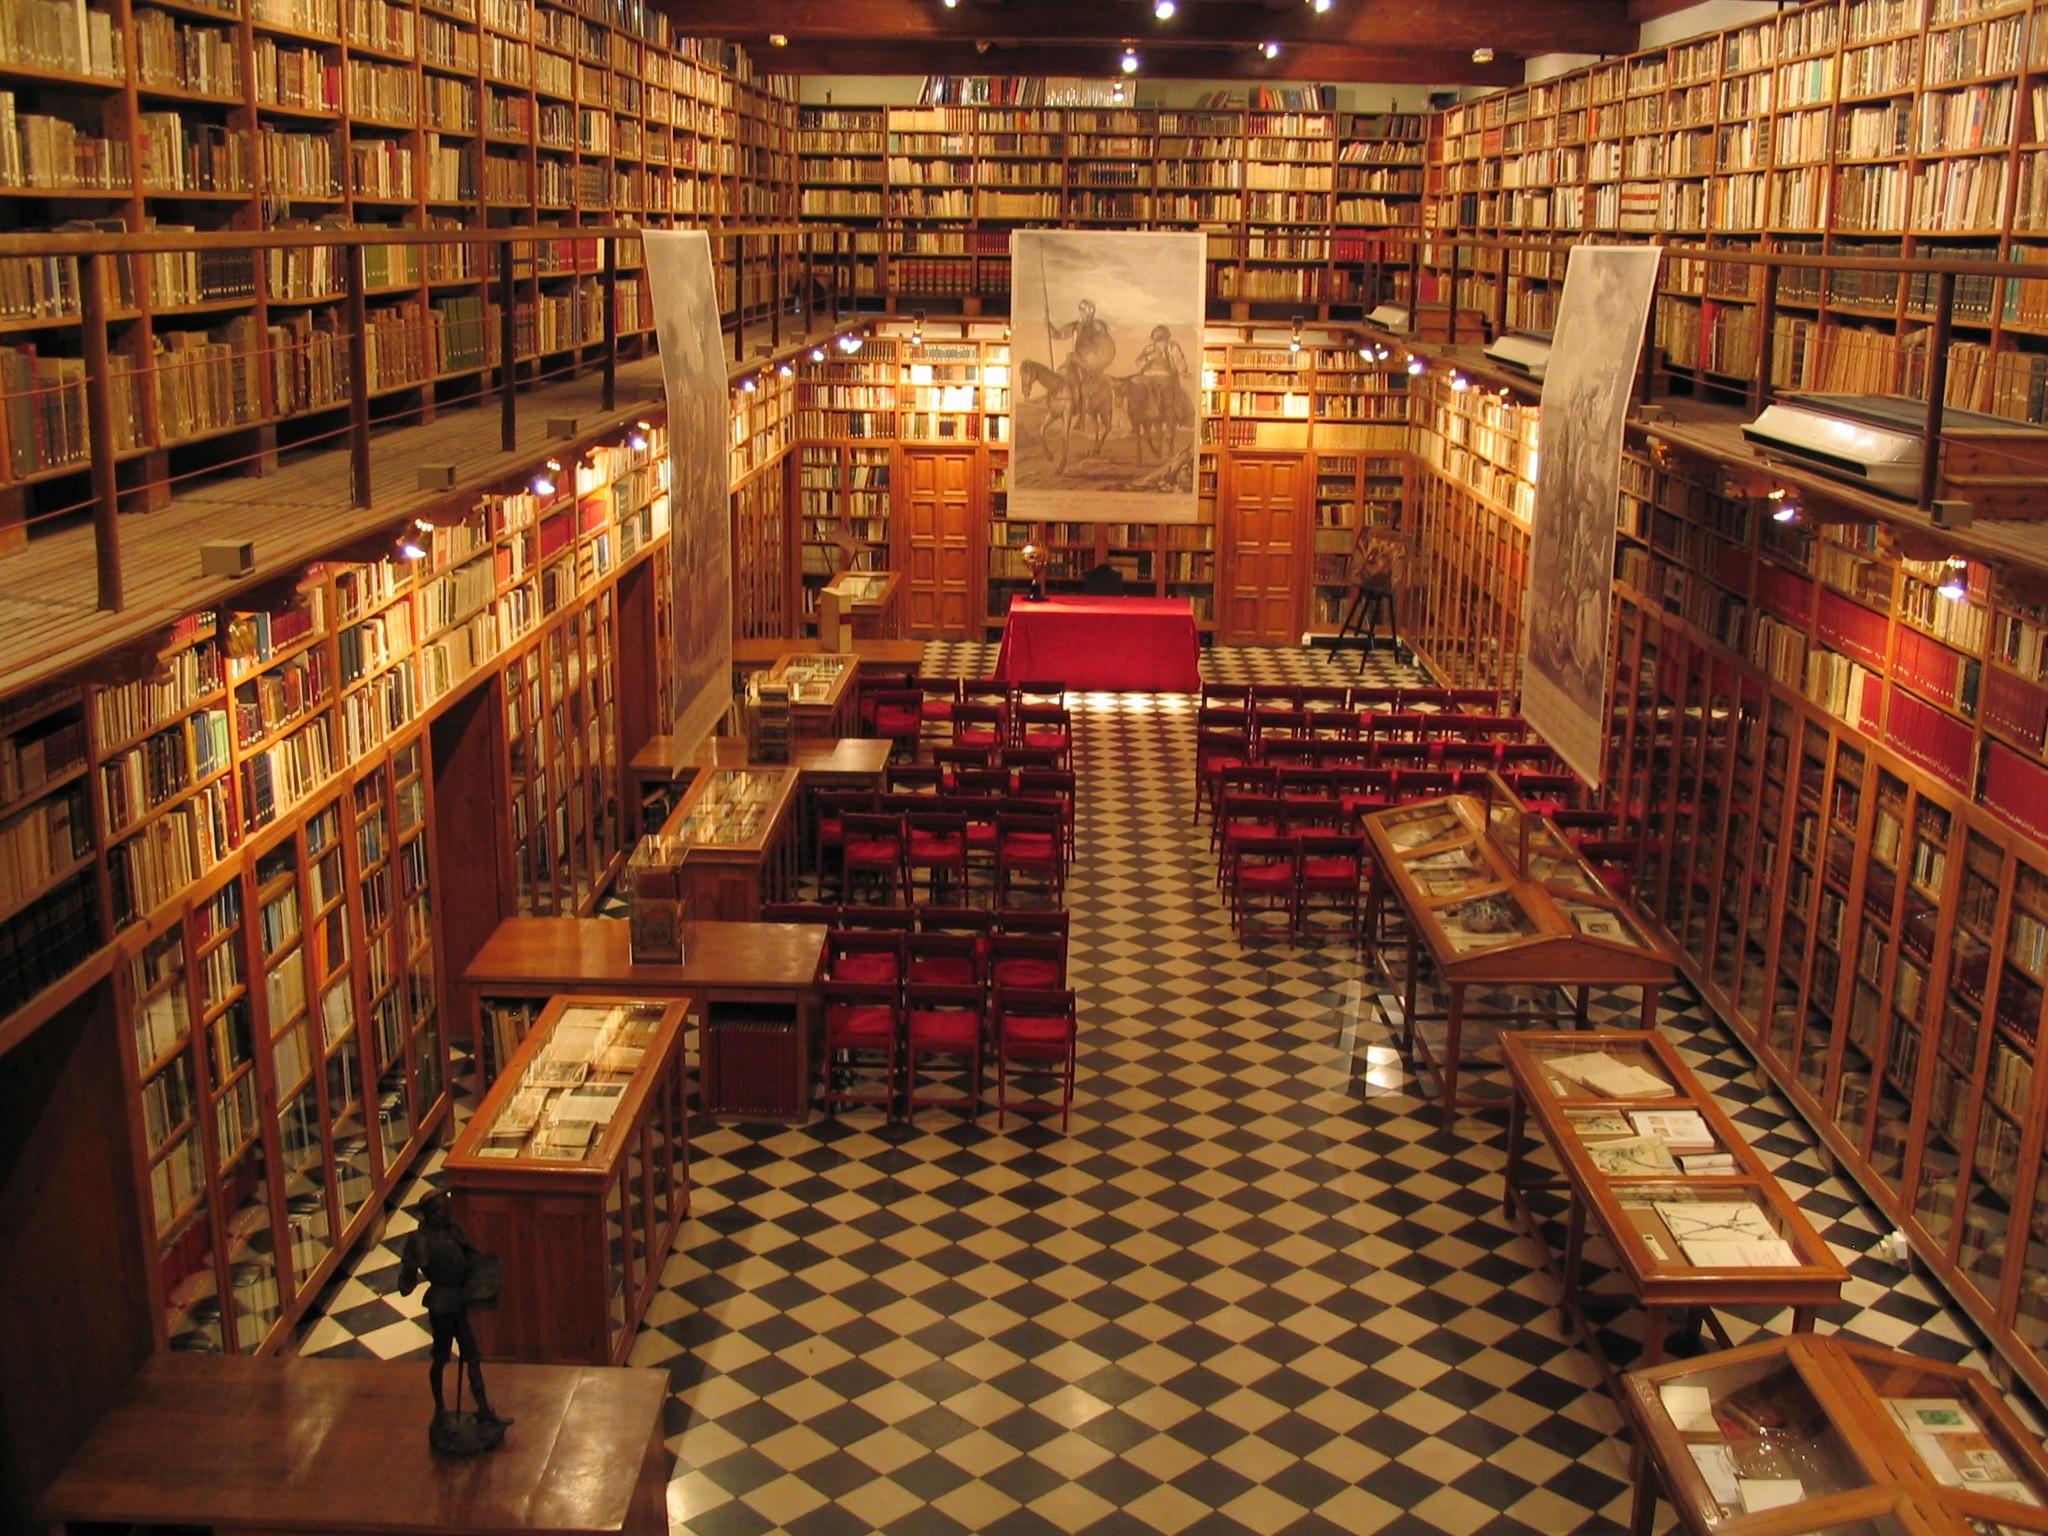 Inés Padrosa Gorgot bibliotecaria y archivera en el Castillo de Peralada